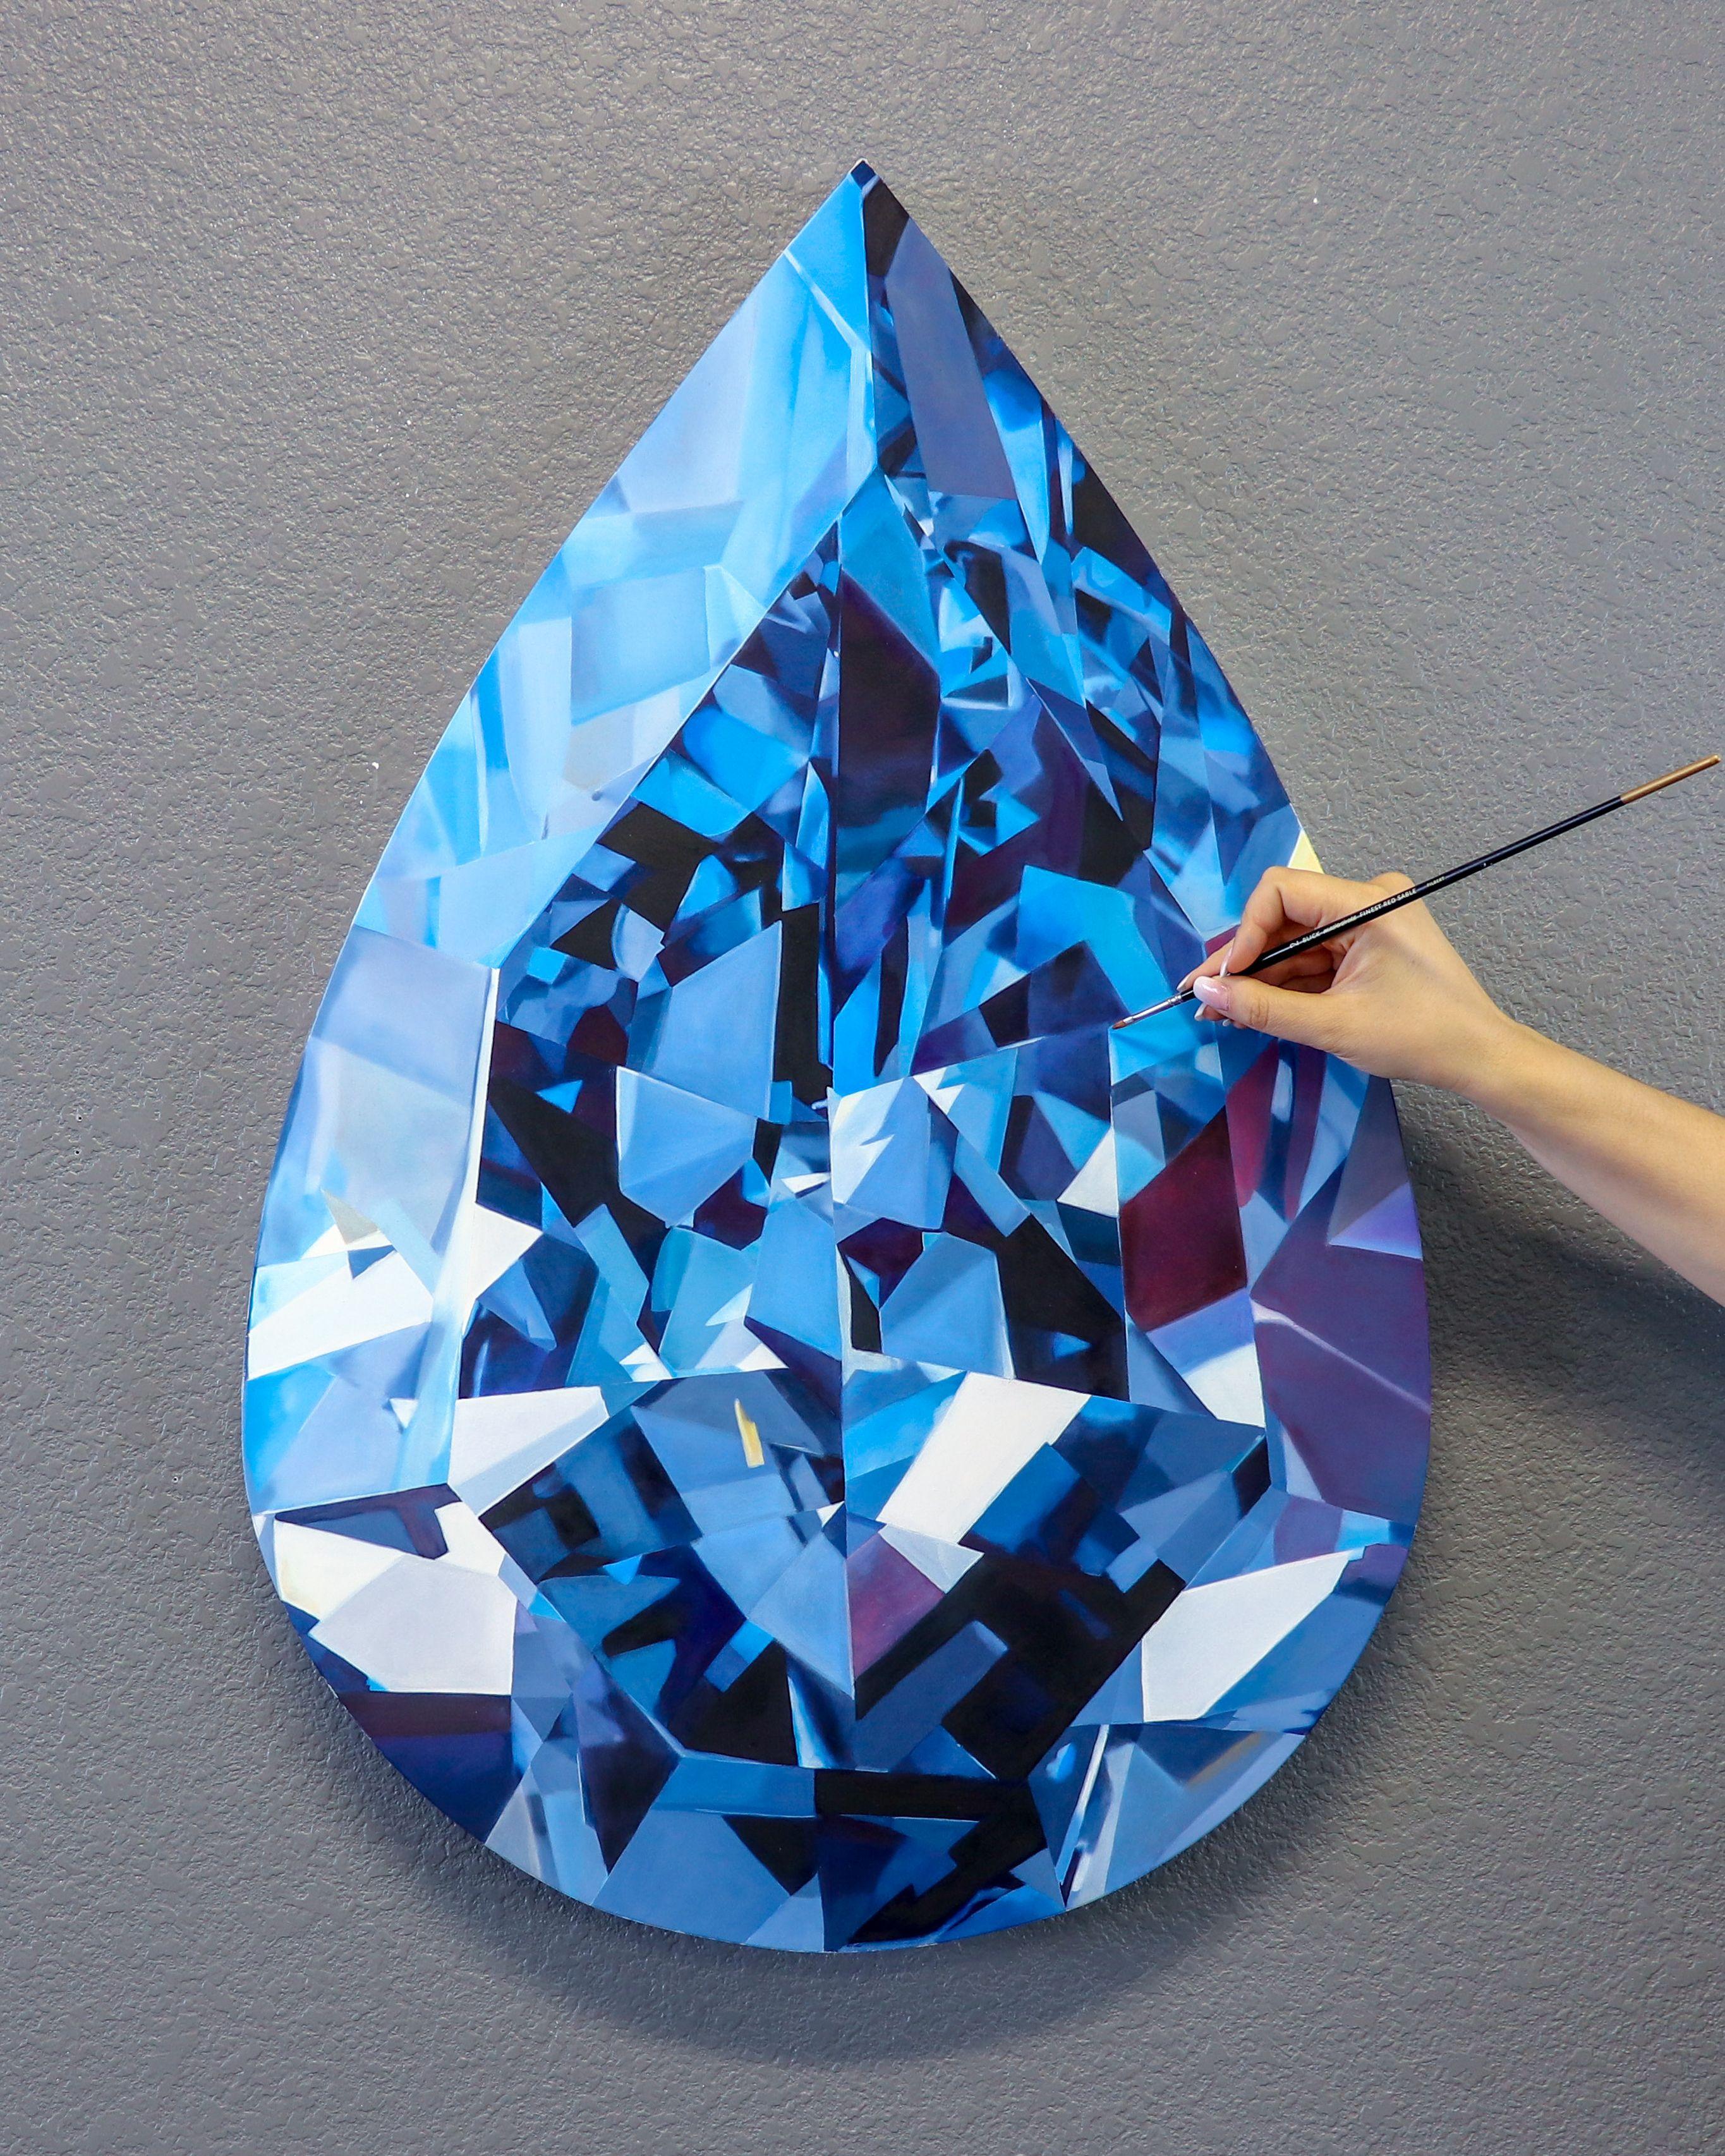 Pin On The Diamond Painter